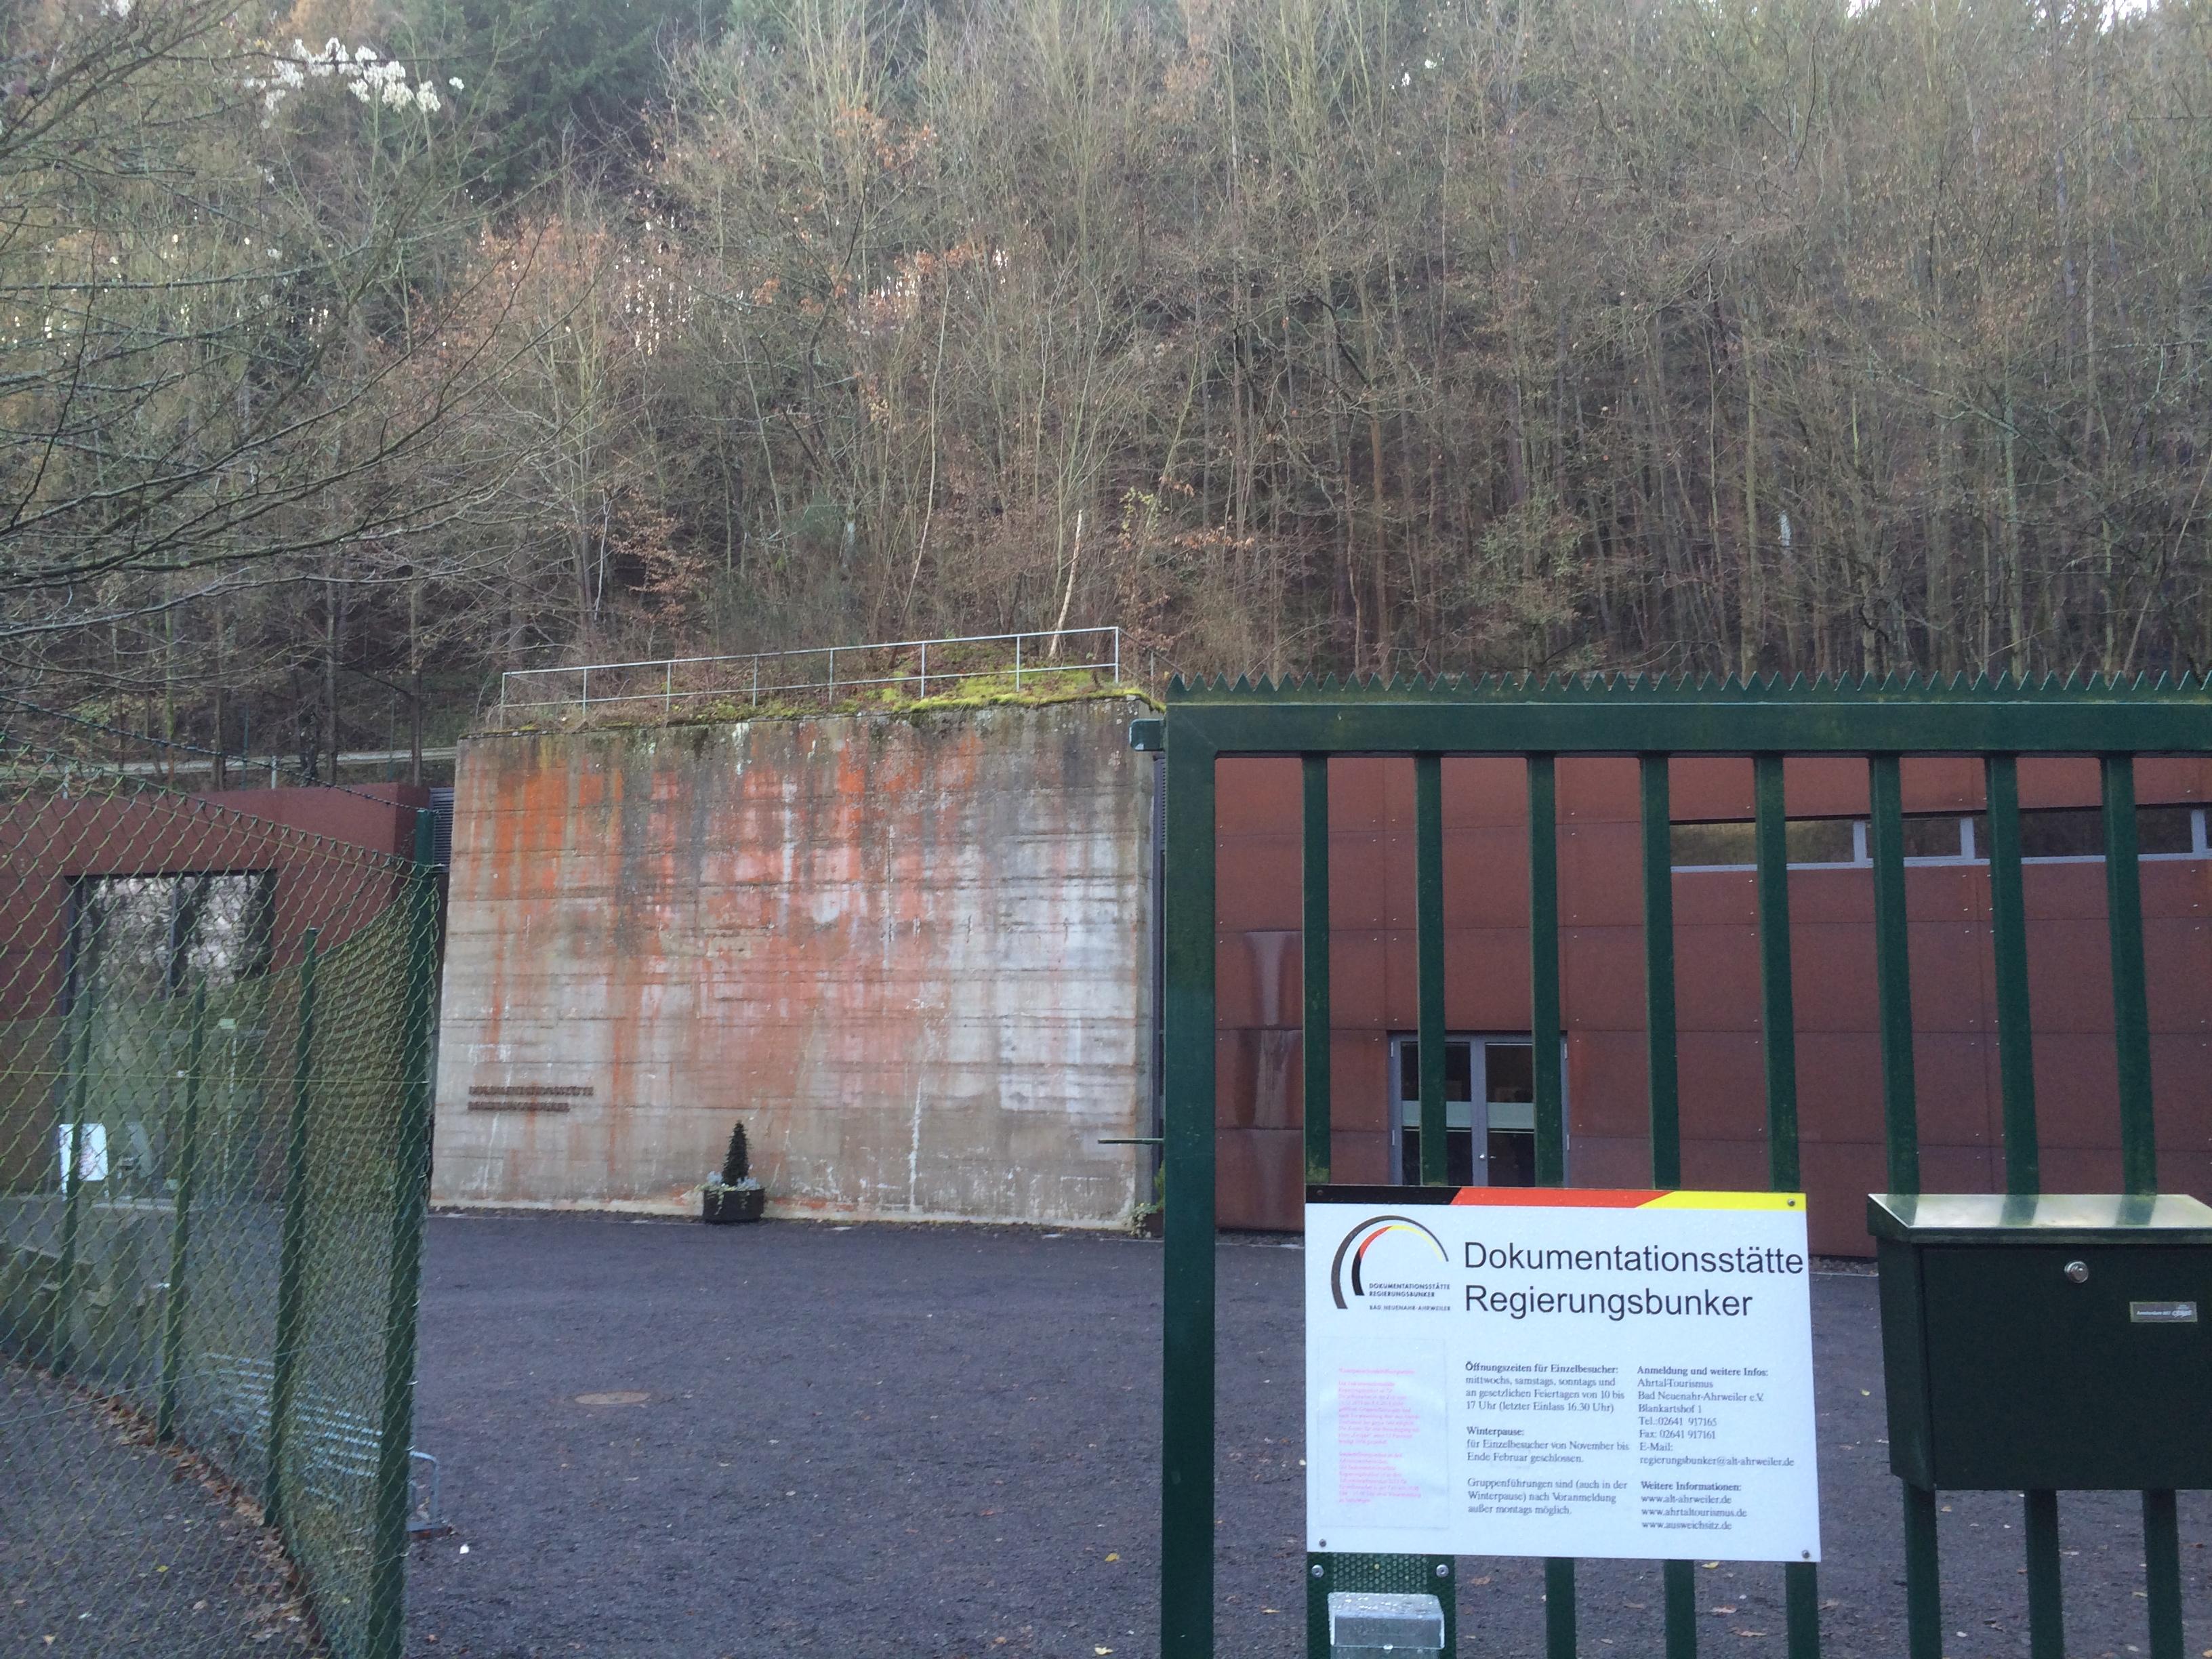 Eingang der Dokumentationsstätte Regierungsbunker